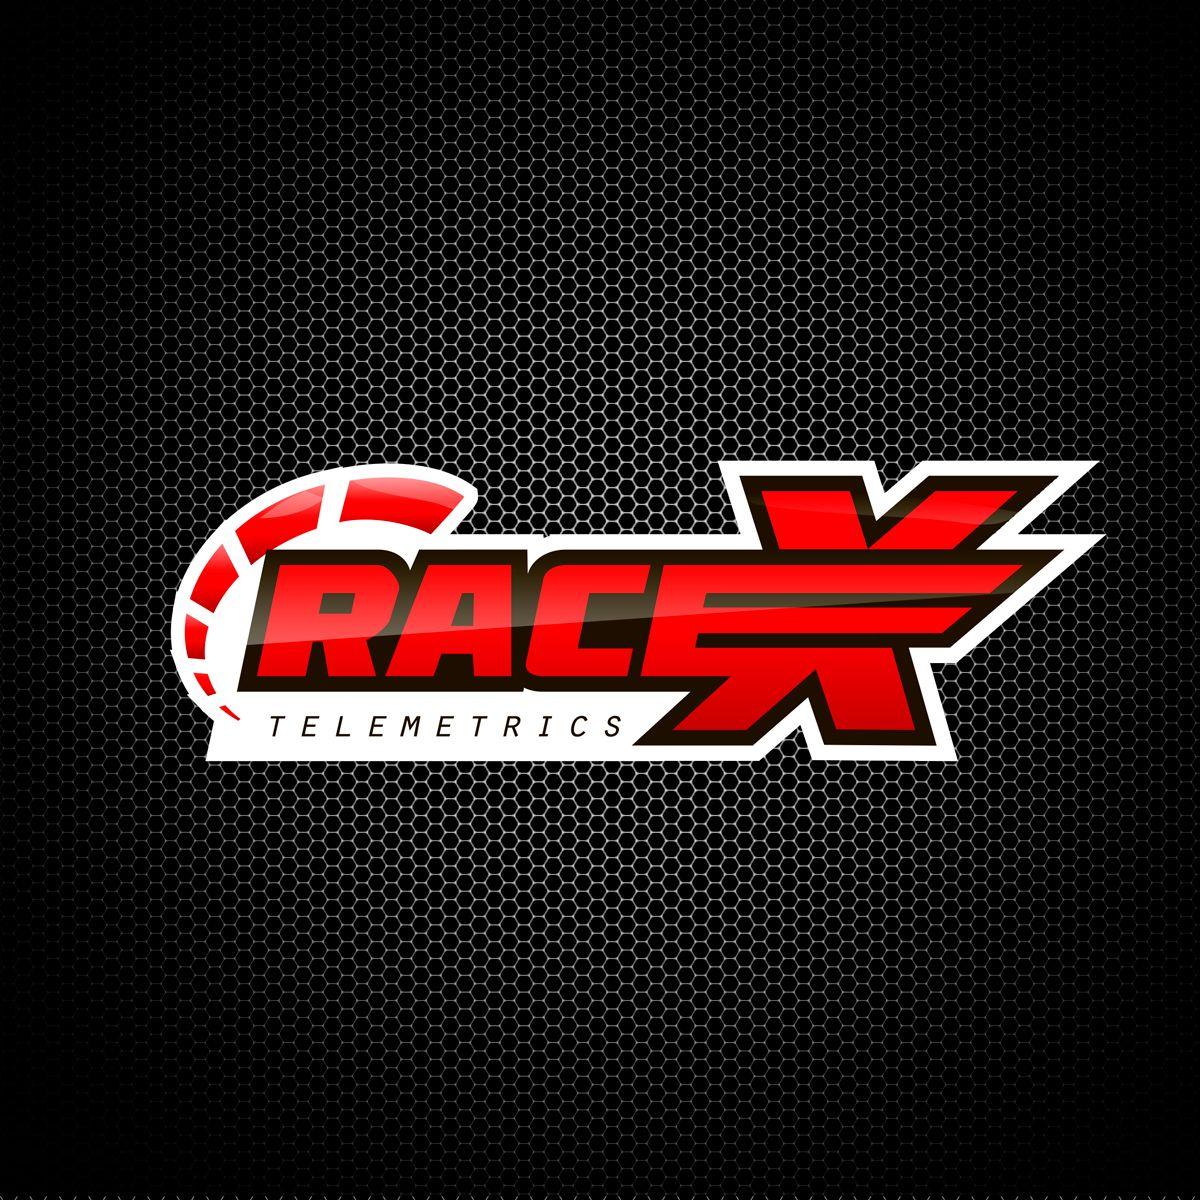 Логотип RaceX Telemetrics  - дизайнер Enrik